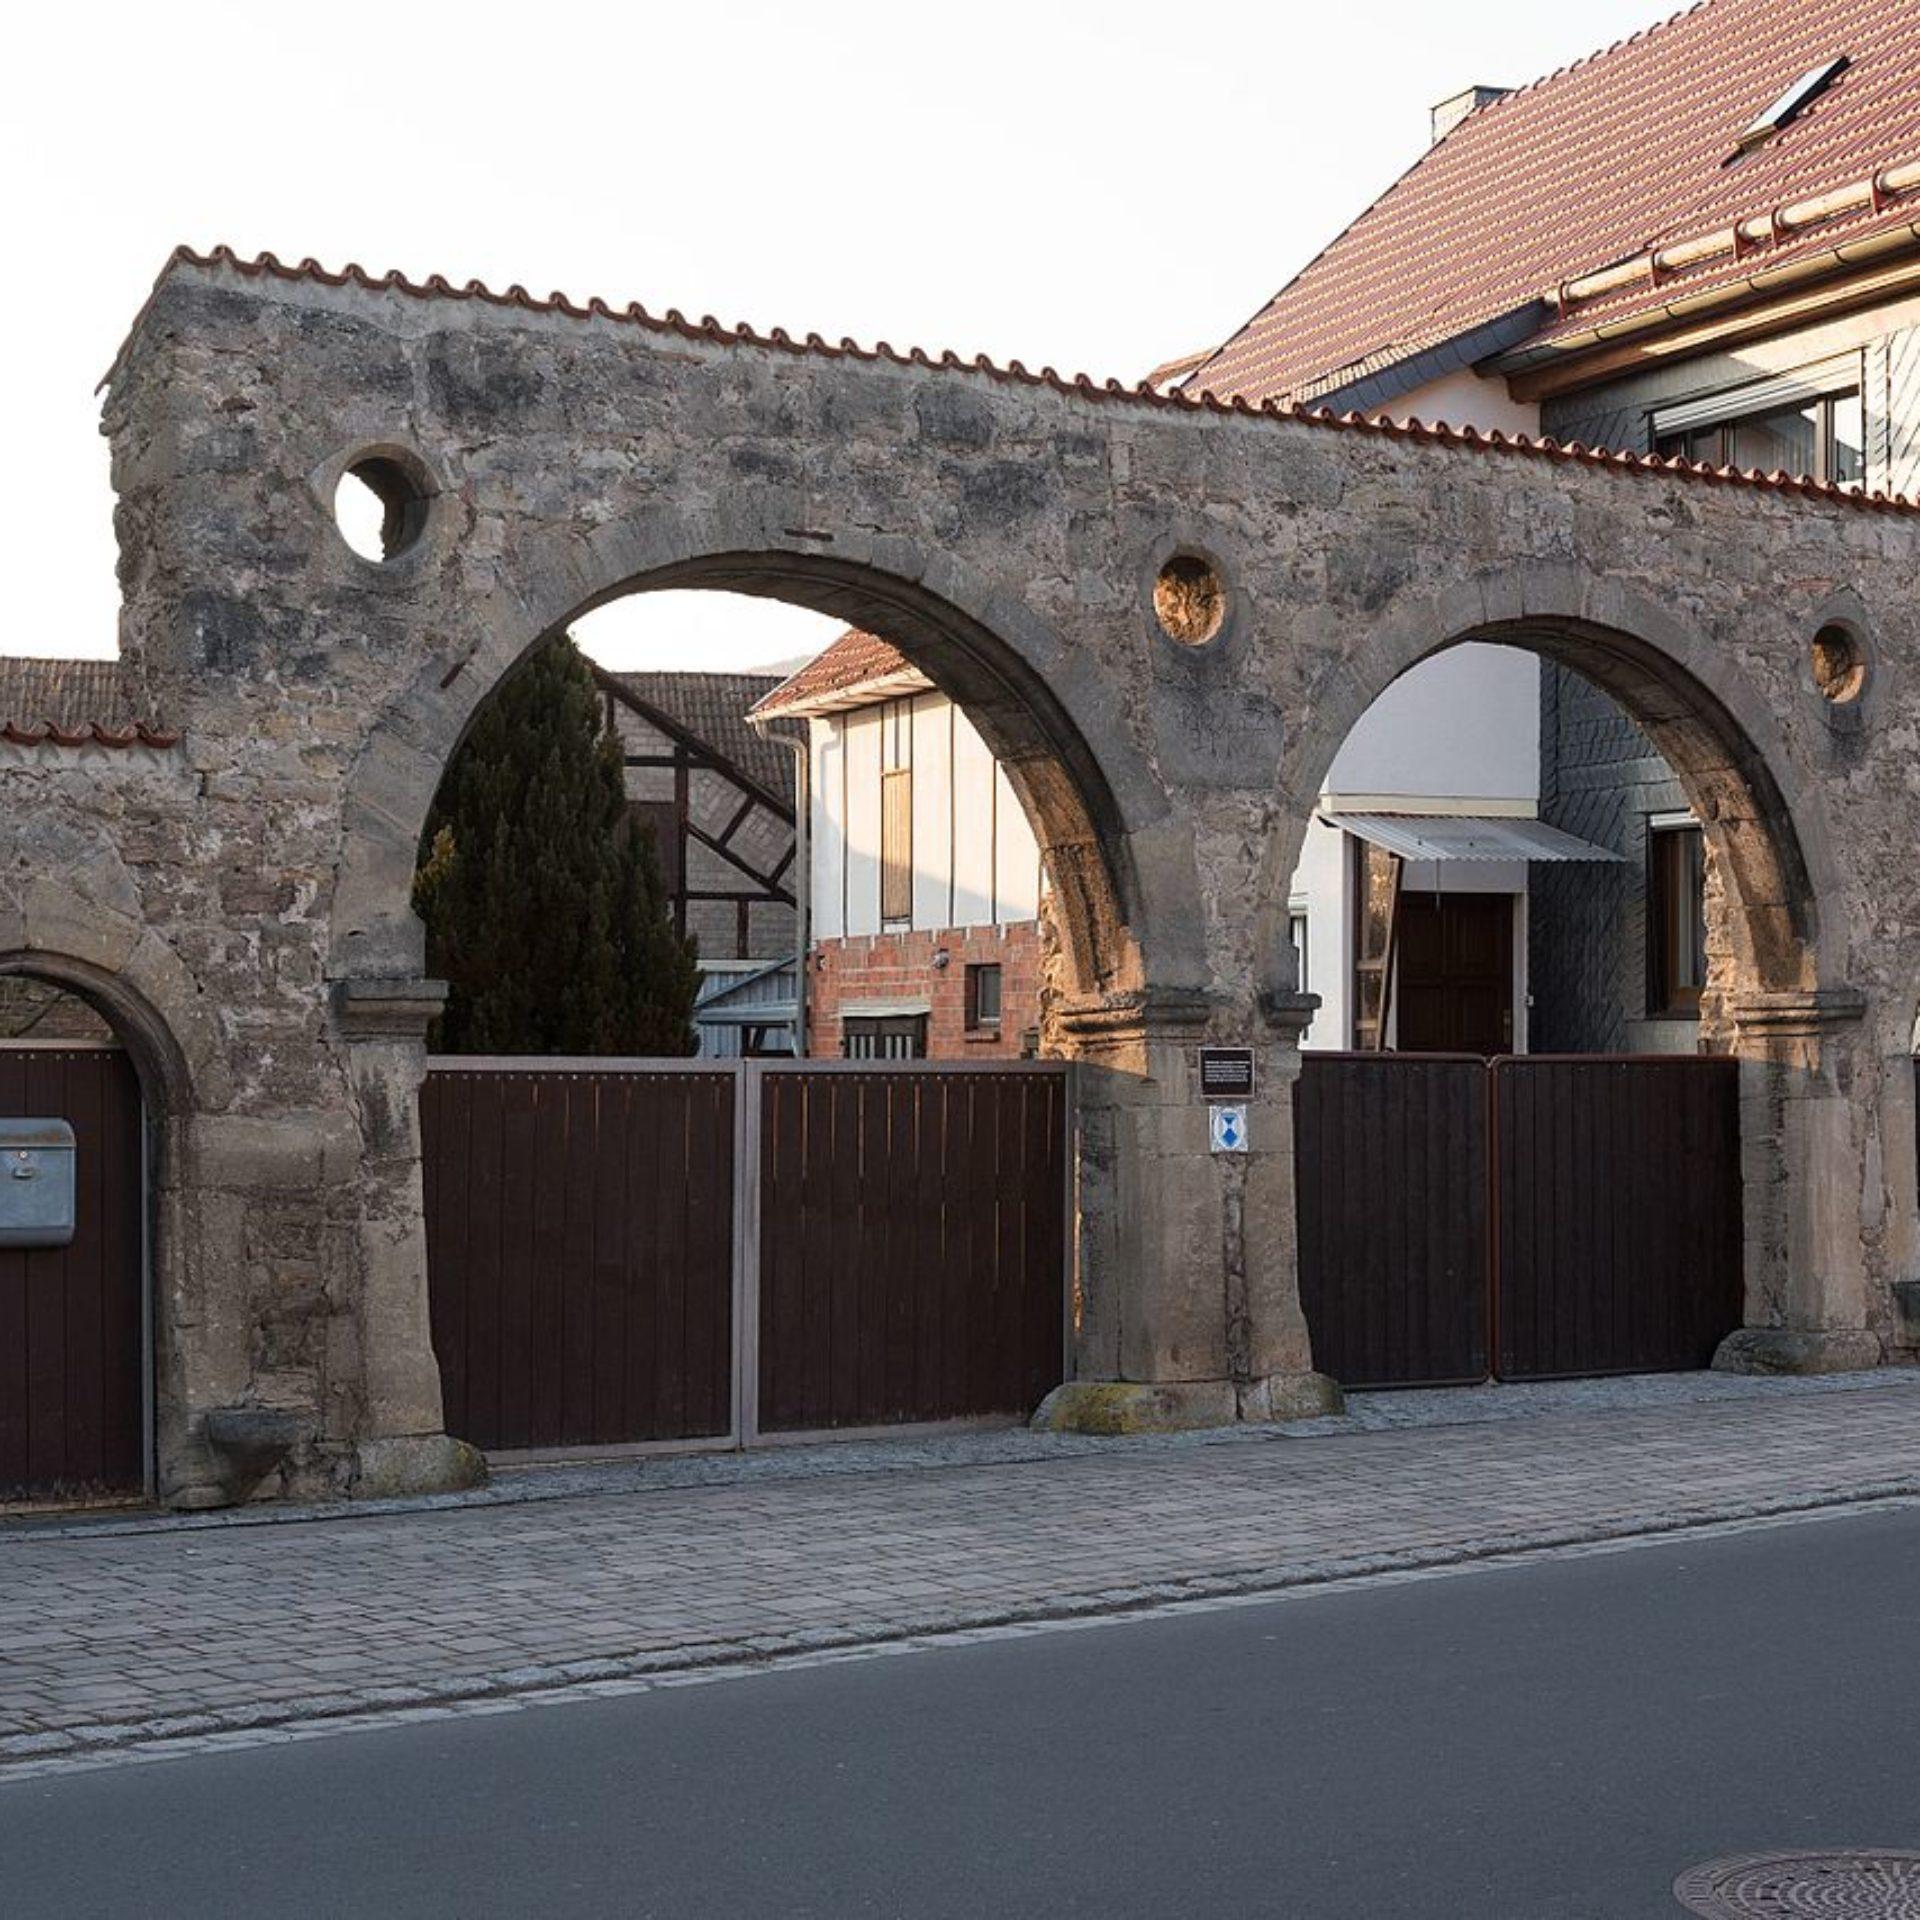 Rundbogentore in Einhausen